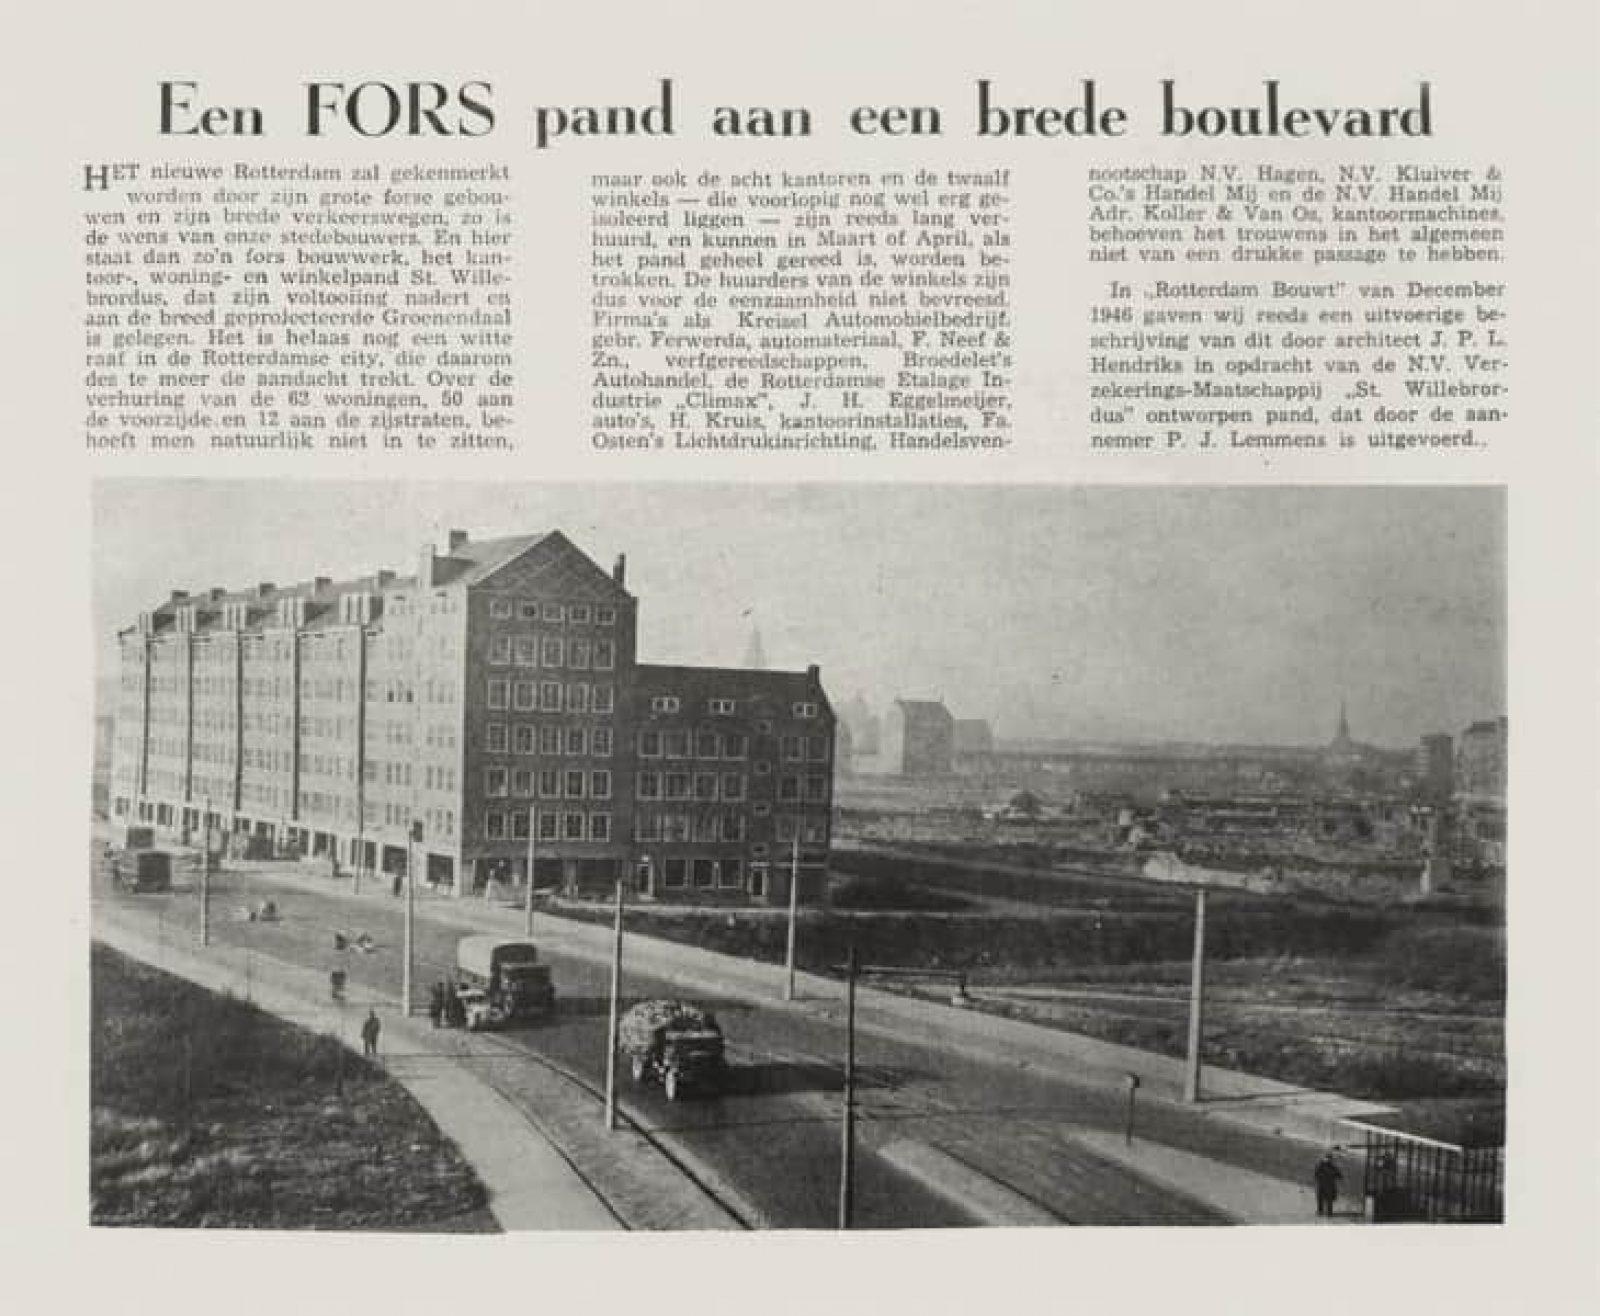 stadsarchief groenendaal artikel